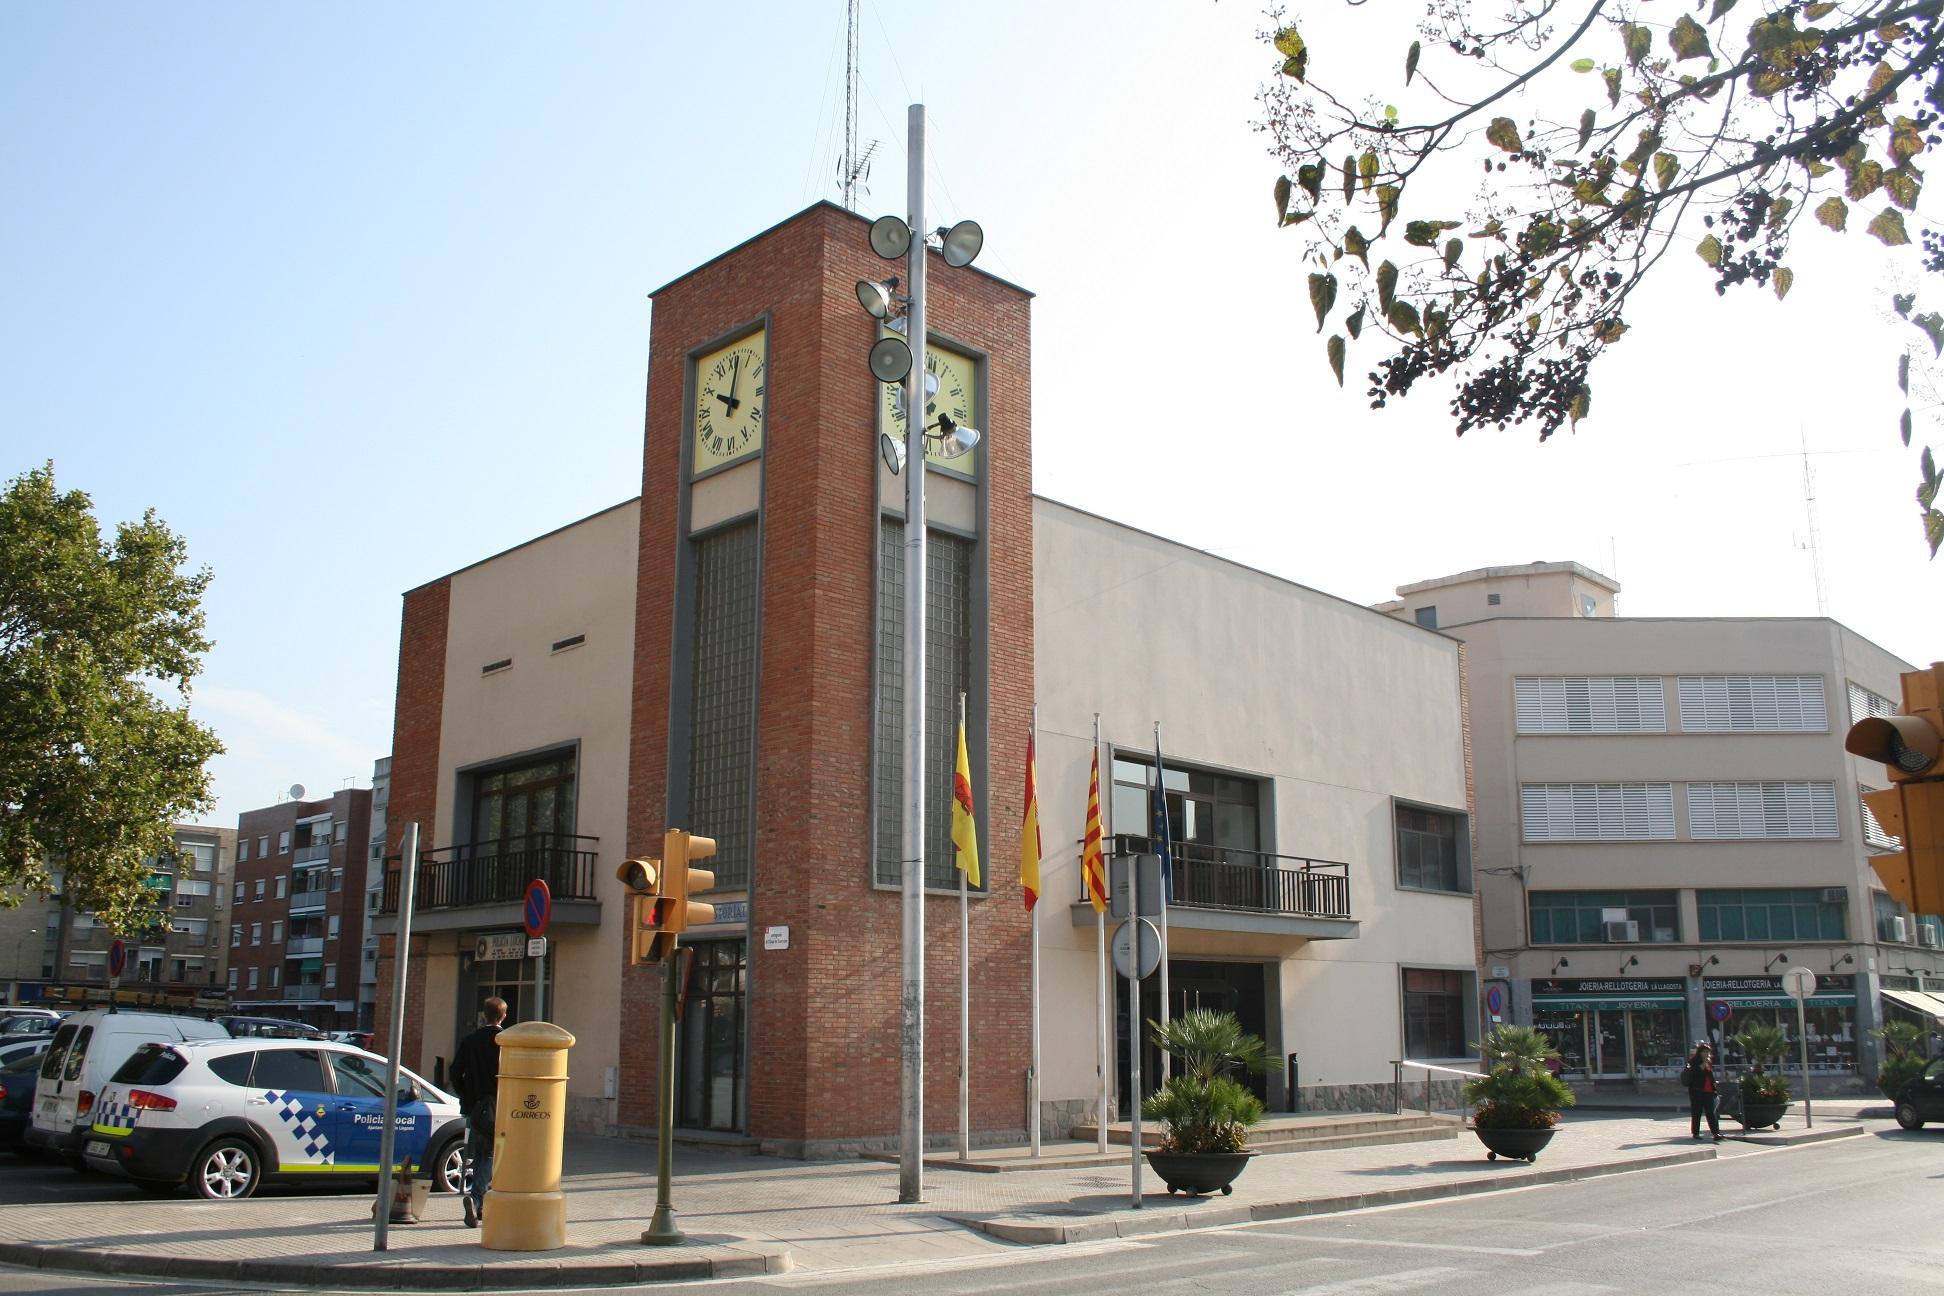 L'Ajuntament obre el període per tal que les entitats puguin demanar ajuts